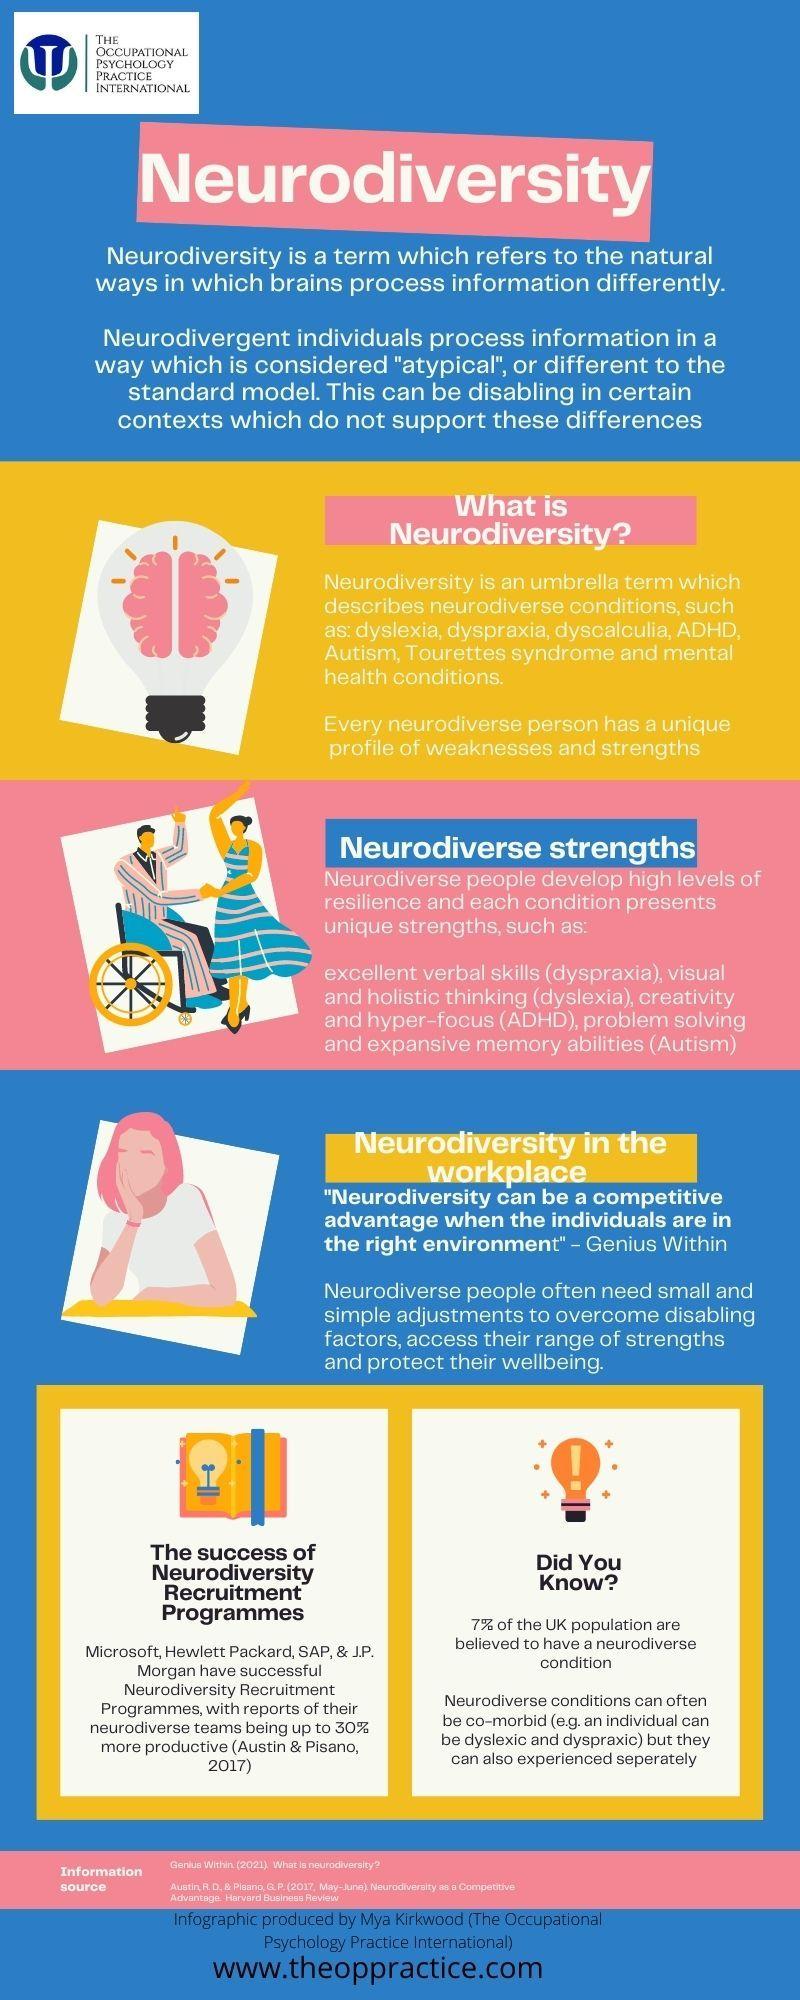 Copy of Copy of Copy of Neurodiversity